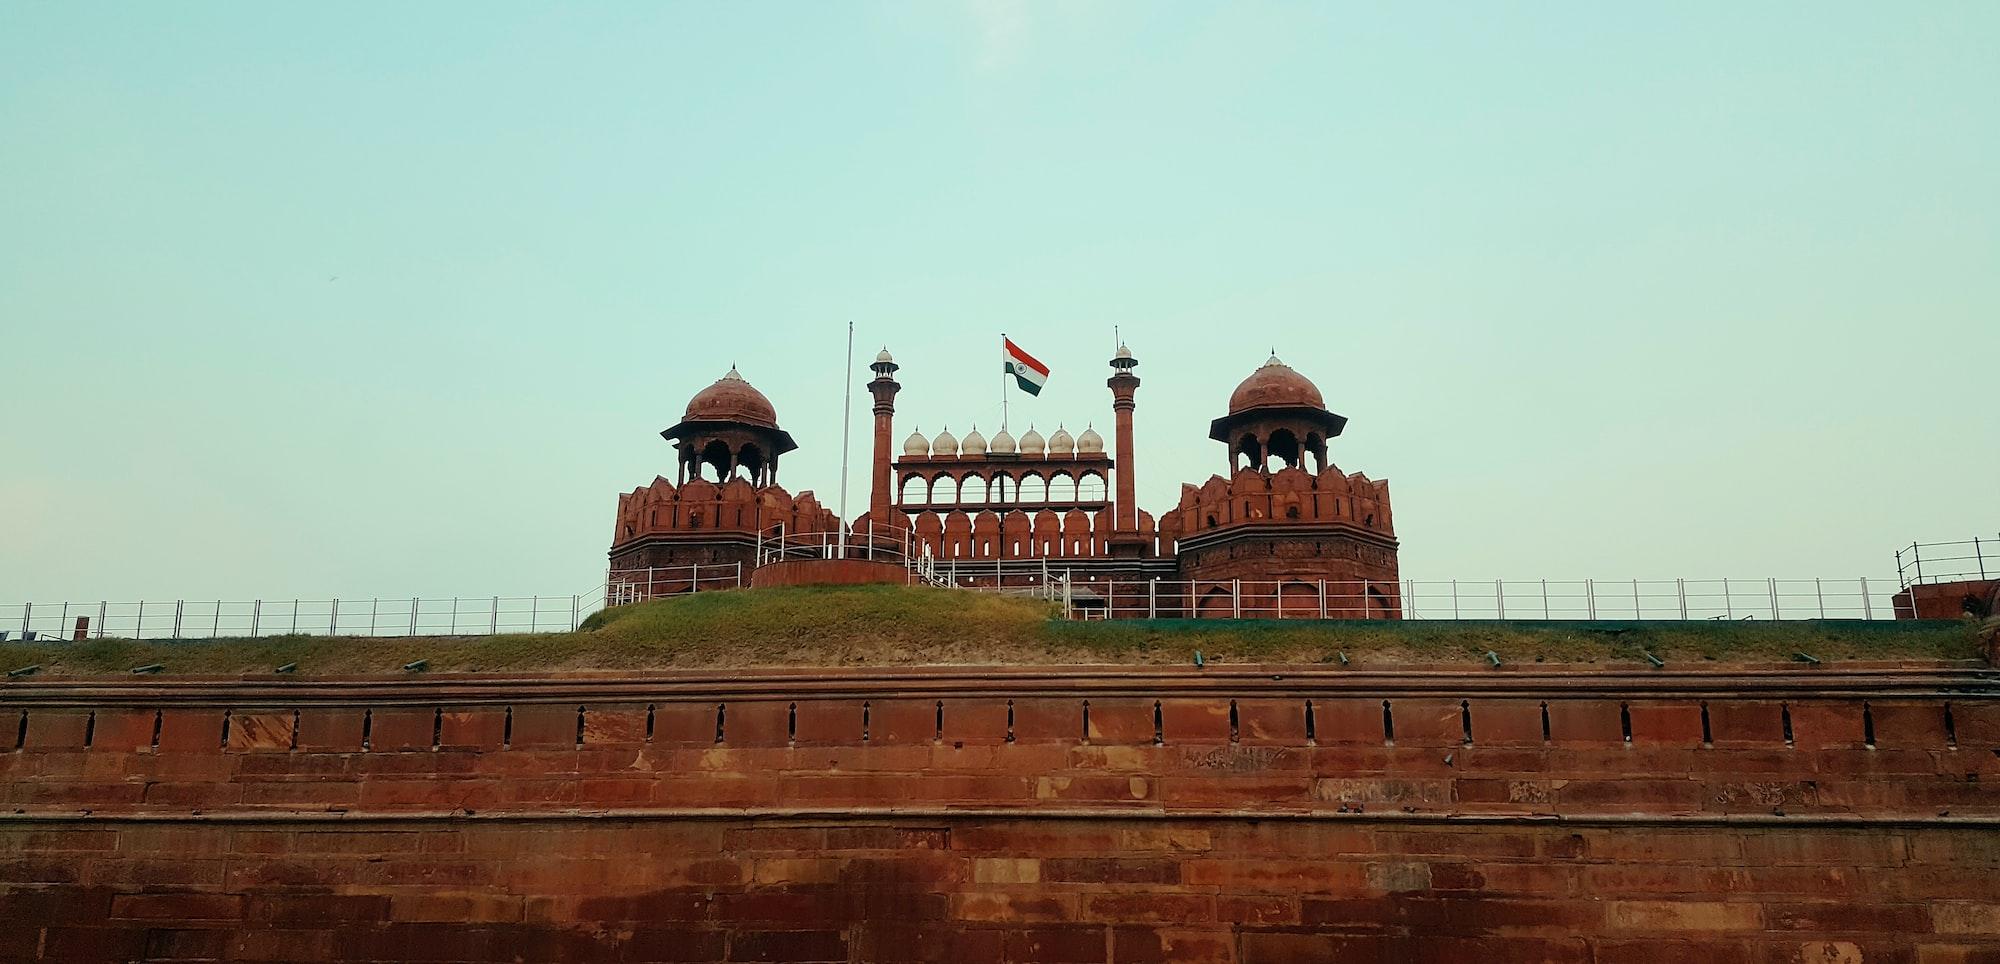 भारत के अलावा इन देशों में भी 15 अगस्त को मनाया जाता है 'स्वतंत्रता दिवस!'